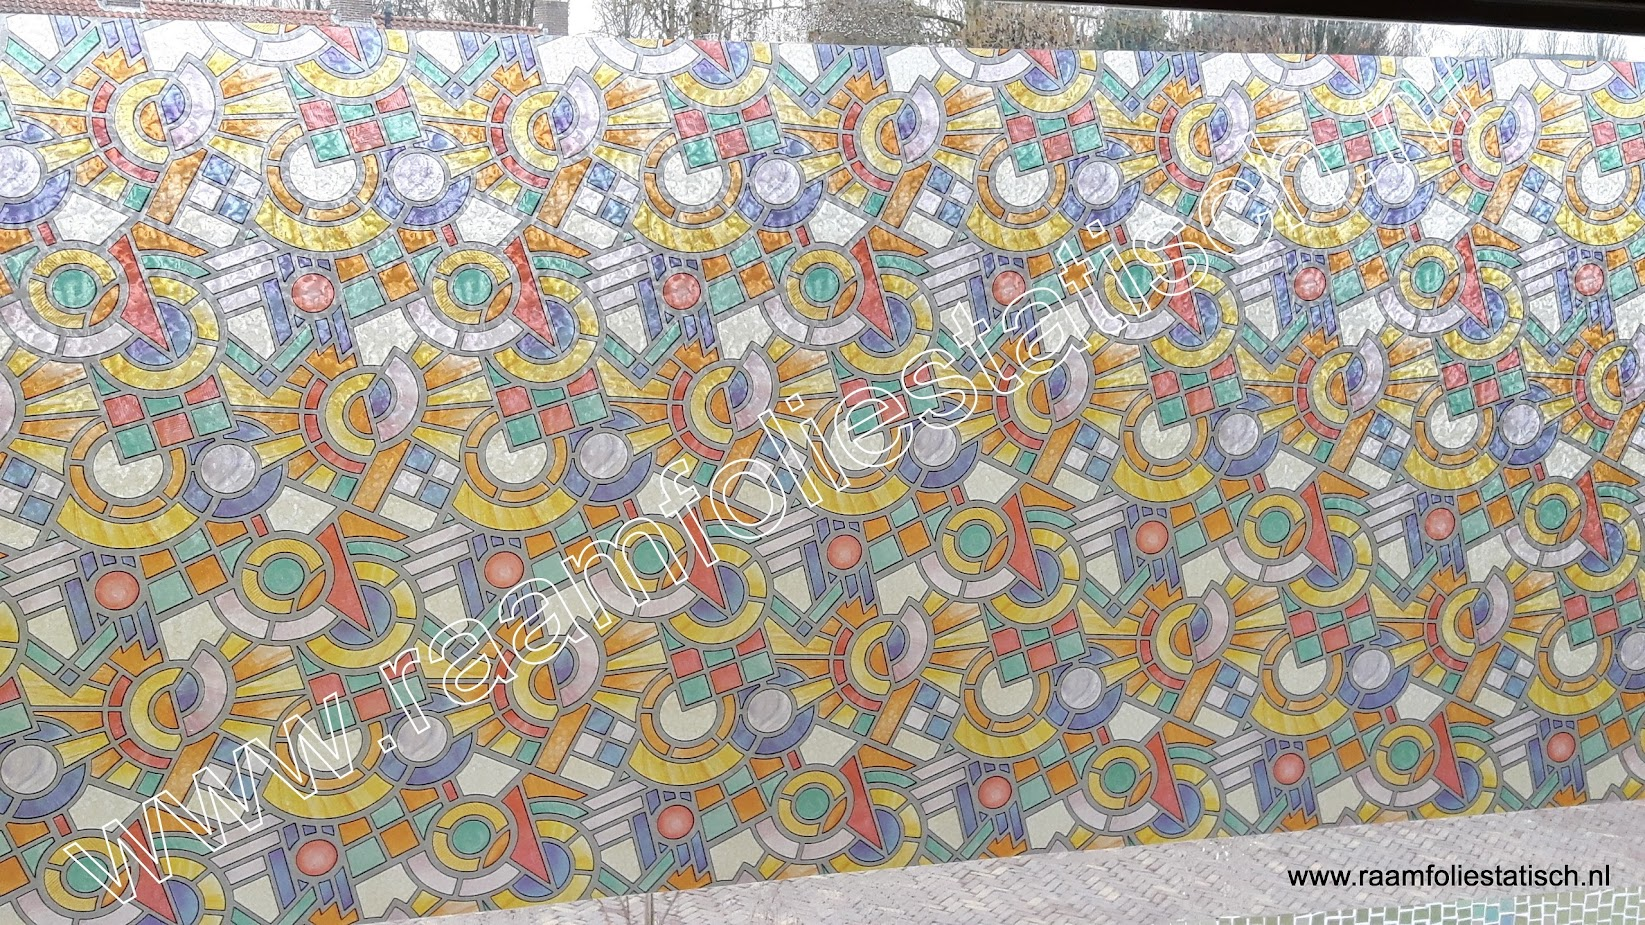 Raamfolie mozaiek glas in lood 67 5cm raamfoliestatisch for Plakplastic raam